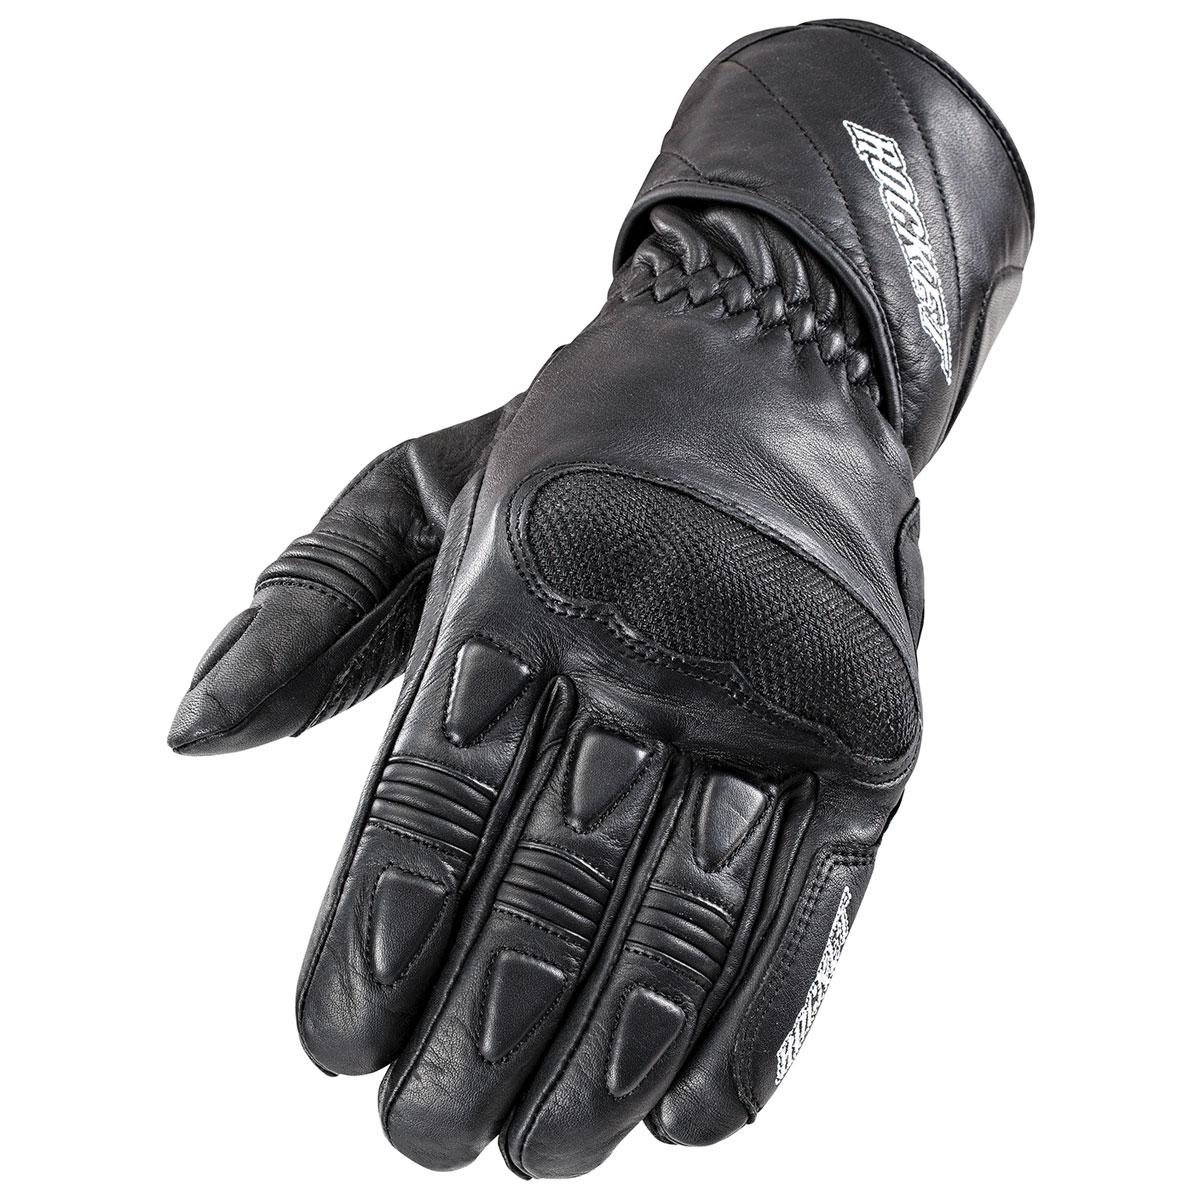 Joe Rocket Men's Pro Street Black Gloves